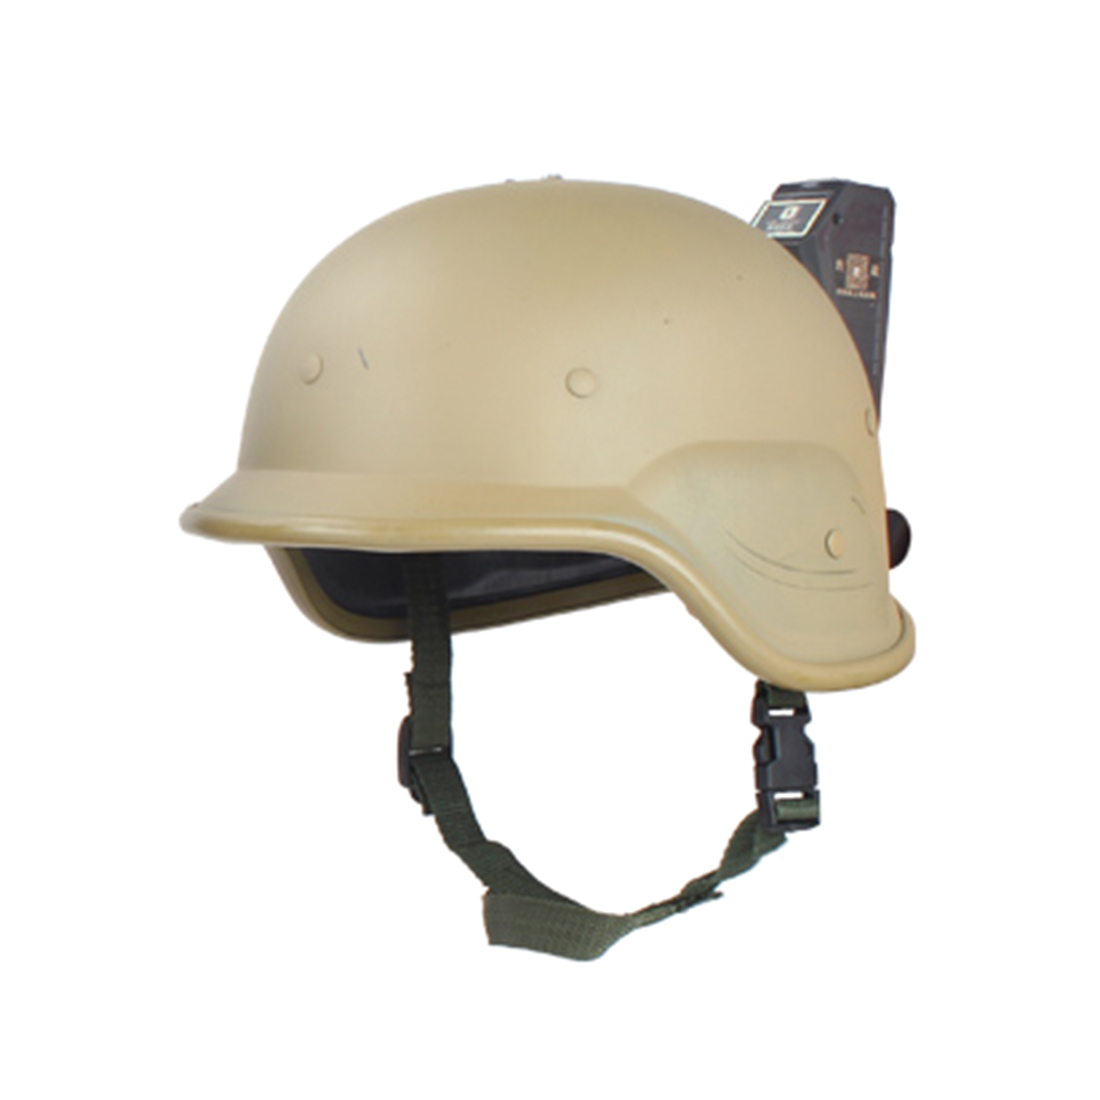 NFSTRIKE casque lampe unique femmes Induction déterminer casque pour CS Gel d'eau perles Blaster Battle-Tan noir